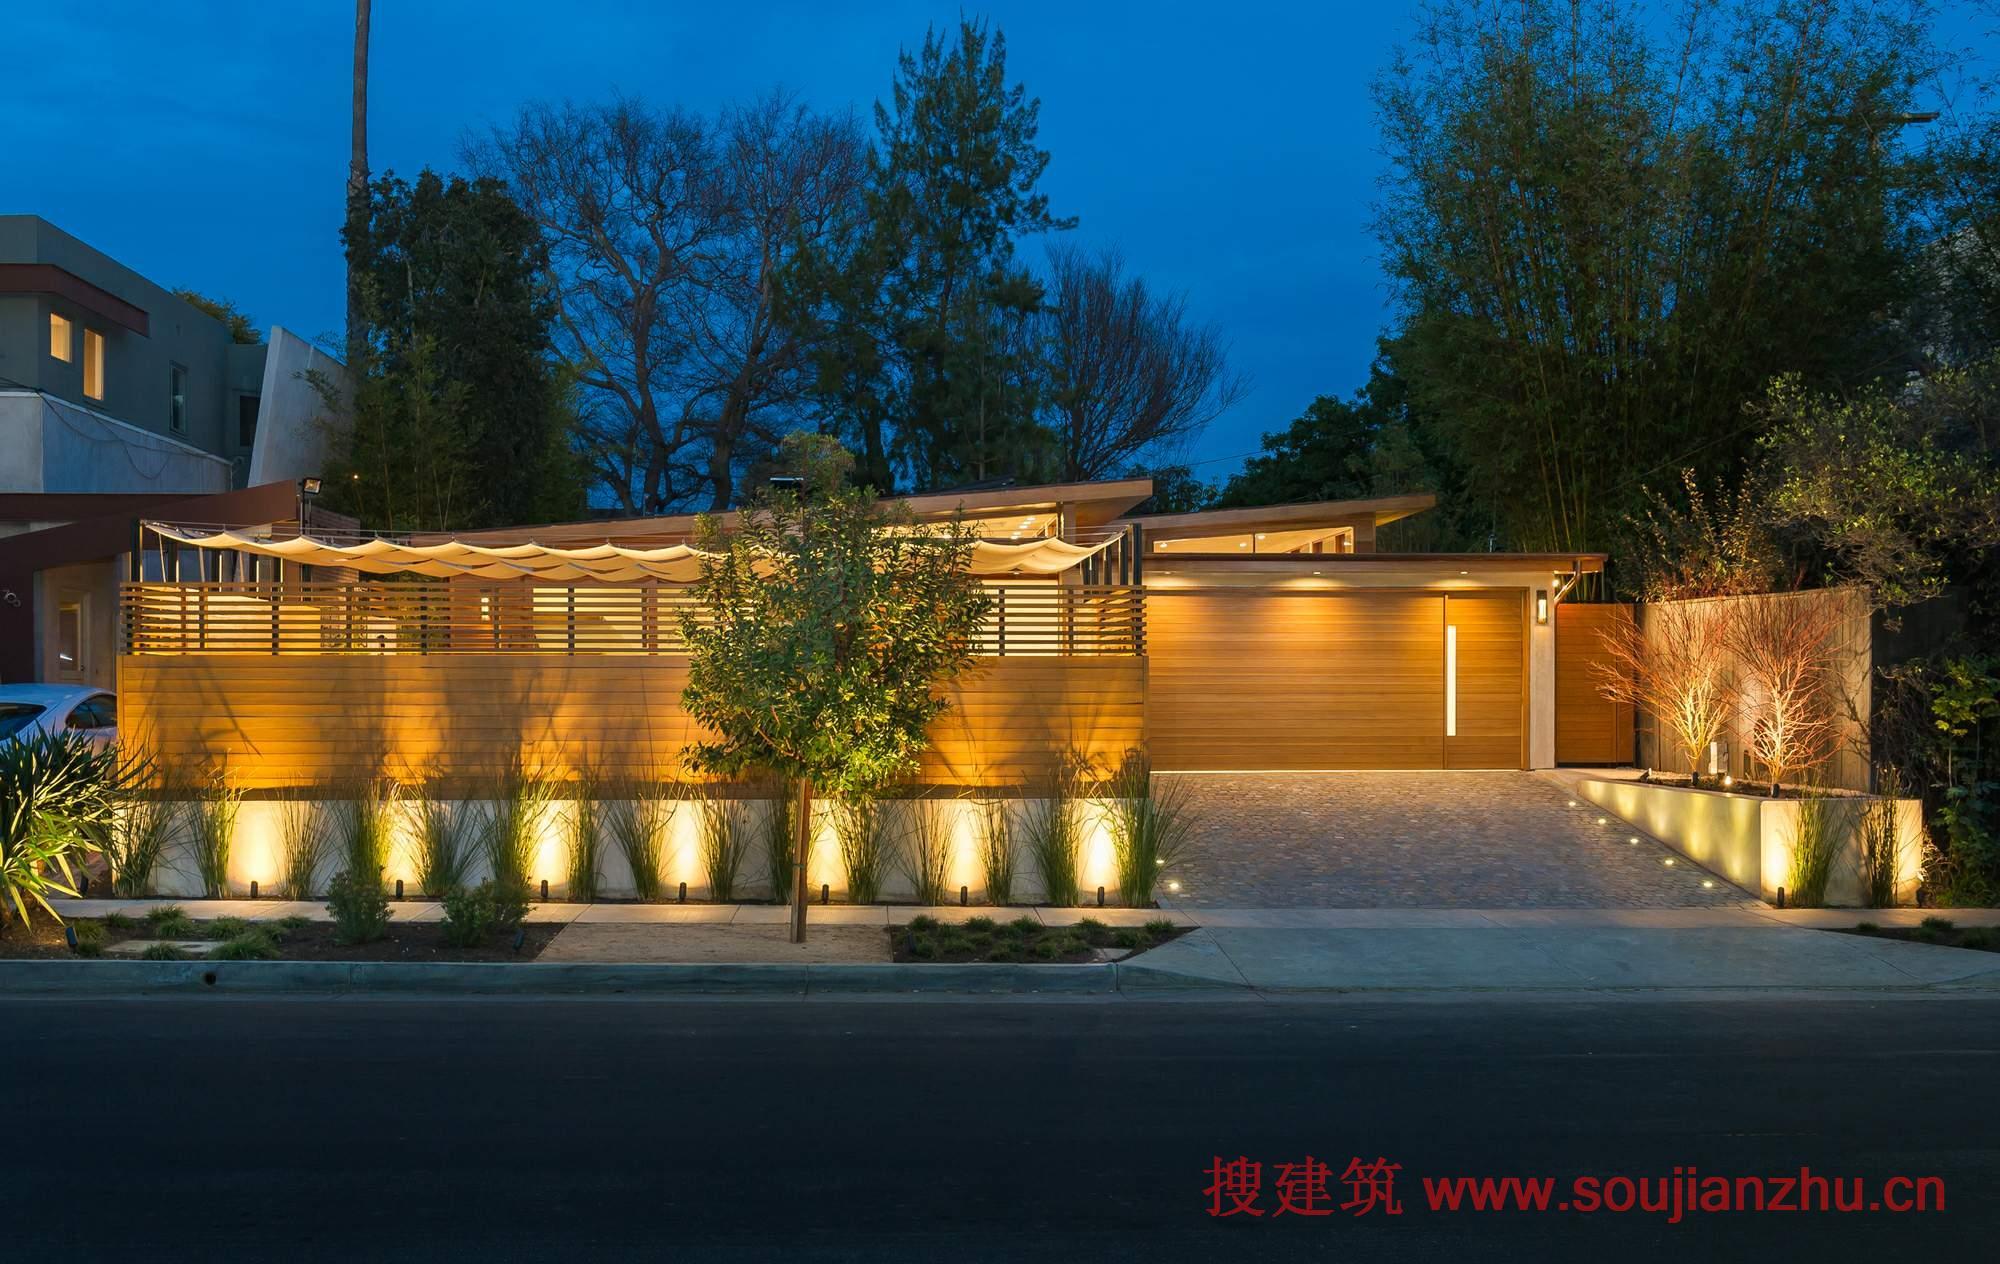 建筑师:Kurt Krueger Architect 地点:美国 洛杉矶 面积:2200平方尺   该Westgate住宅是一个1948年的房子,位于美国加利福尼亚布伦特伍德,设计目标是过核桃木地板、石灰岩、阿根廷鹅卵石及水射流石等新材料的使用、房屋开口和空间的重新布局,在不增加总面积、不修建护栏的前提下,将这座老房子彻底改造成时尚而别致的现代住宅。   因为业主是一对退休夫妇,便于功能和整体的实用性与整体设计一样重要。设计师的任务是以一个充满诗意的方式,无缝地融合这些要求。   设计师设计师没